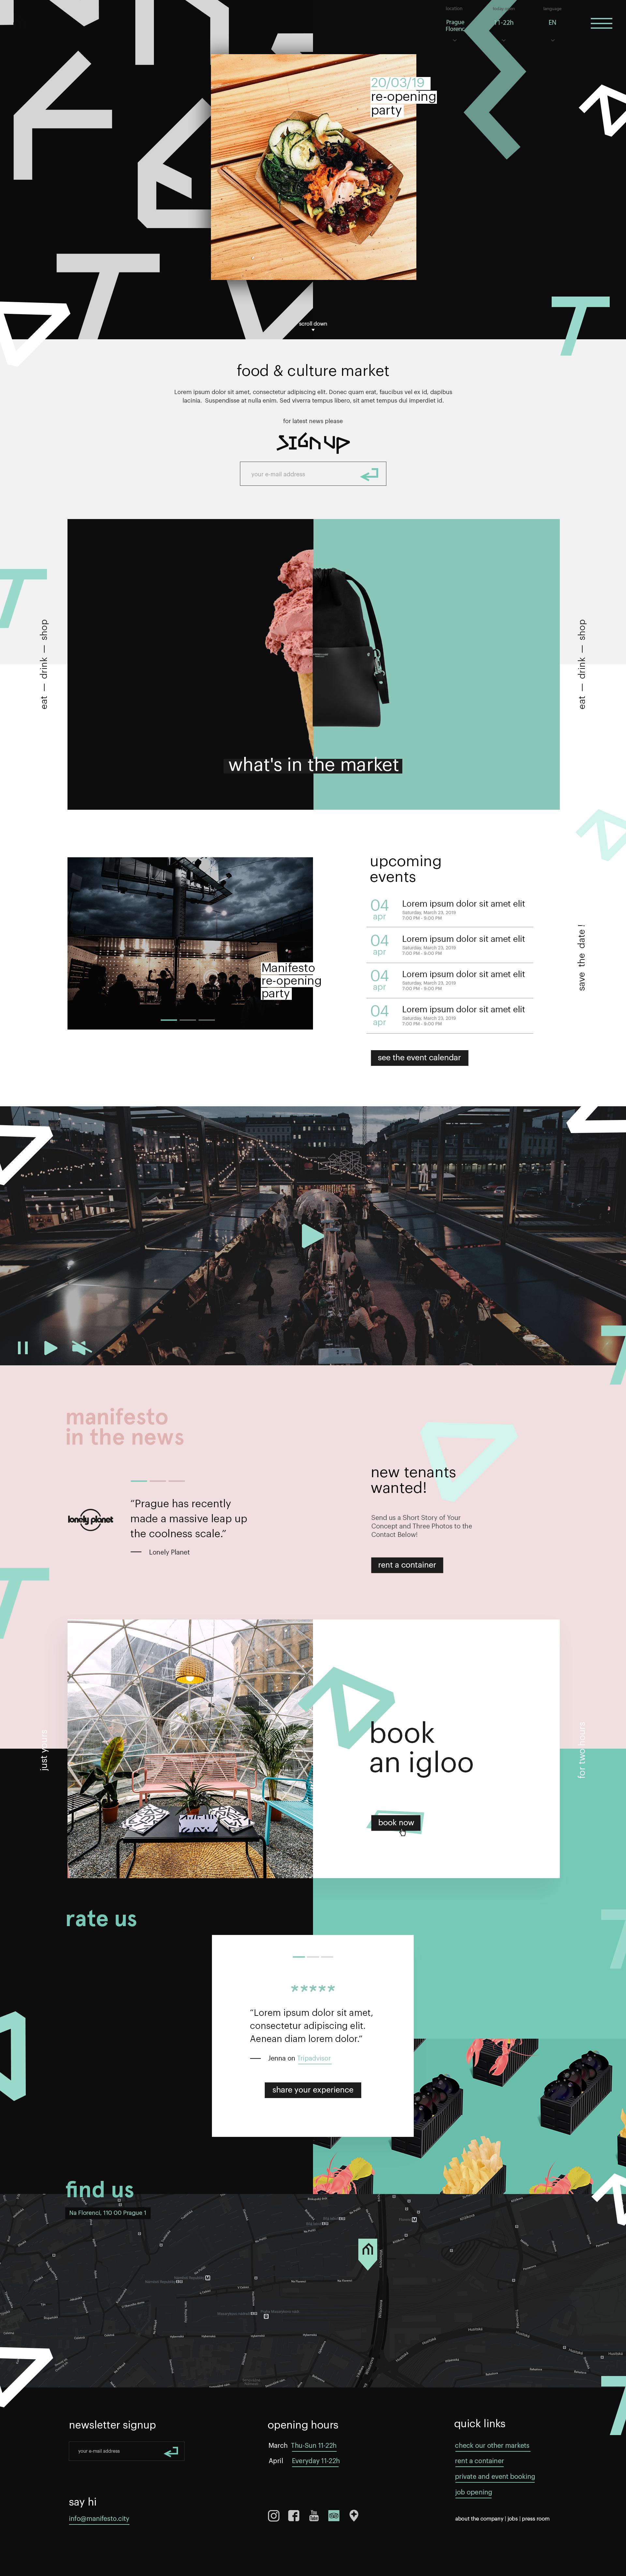 01. homepage